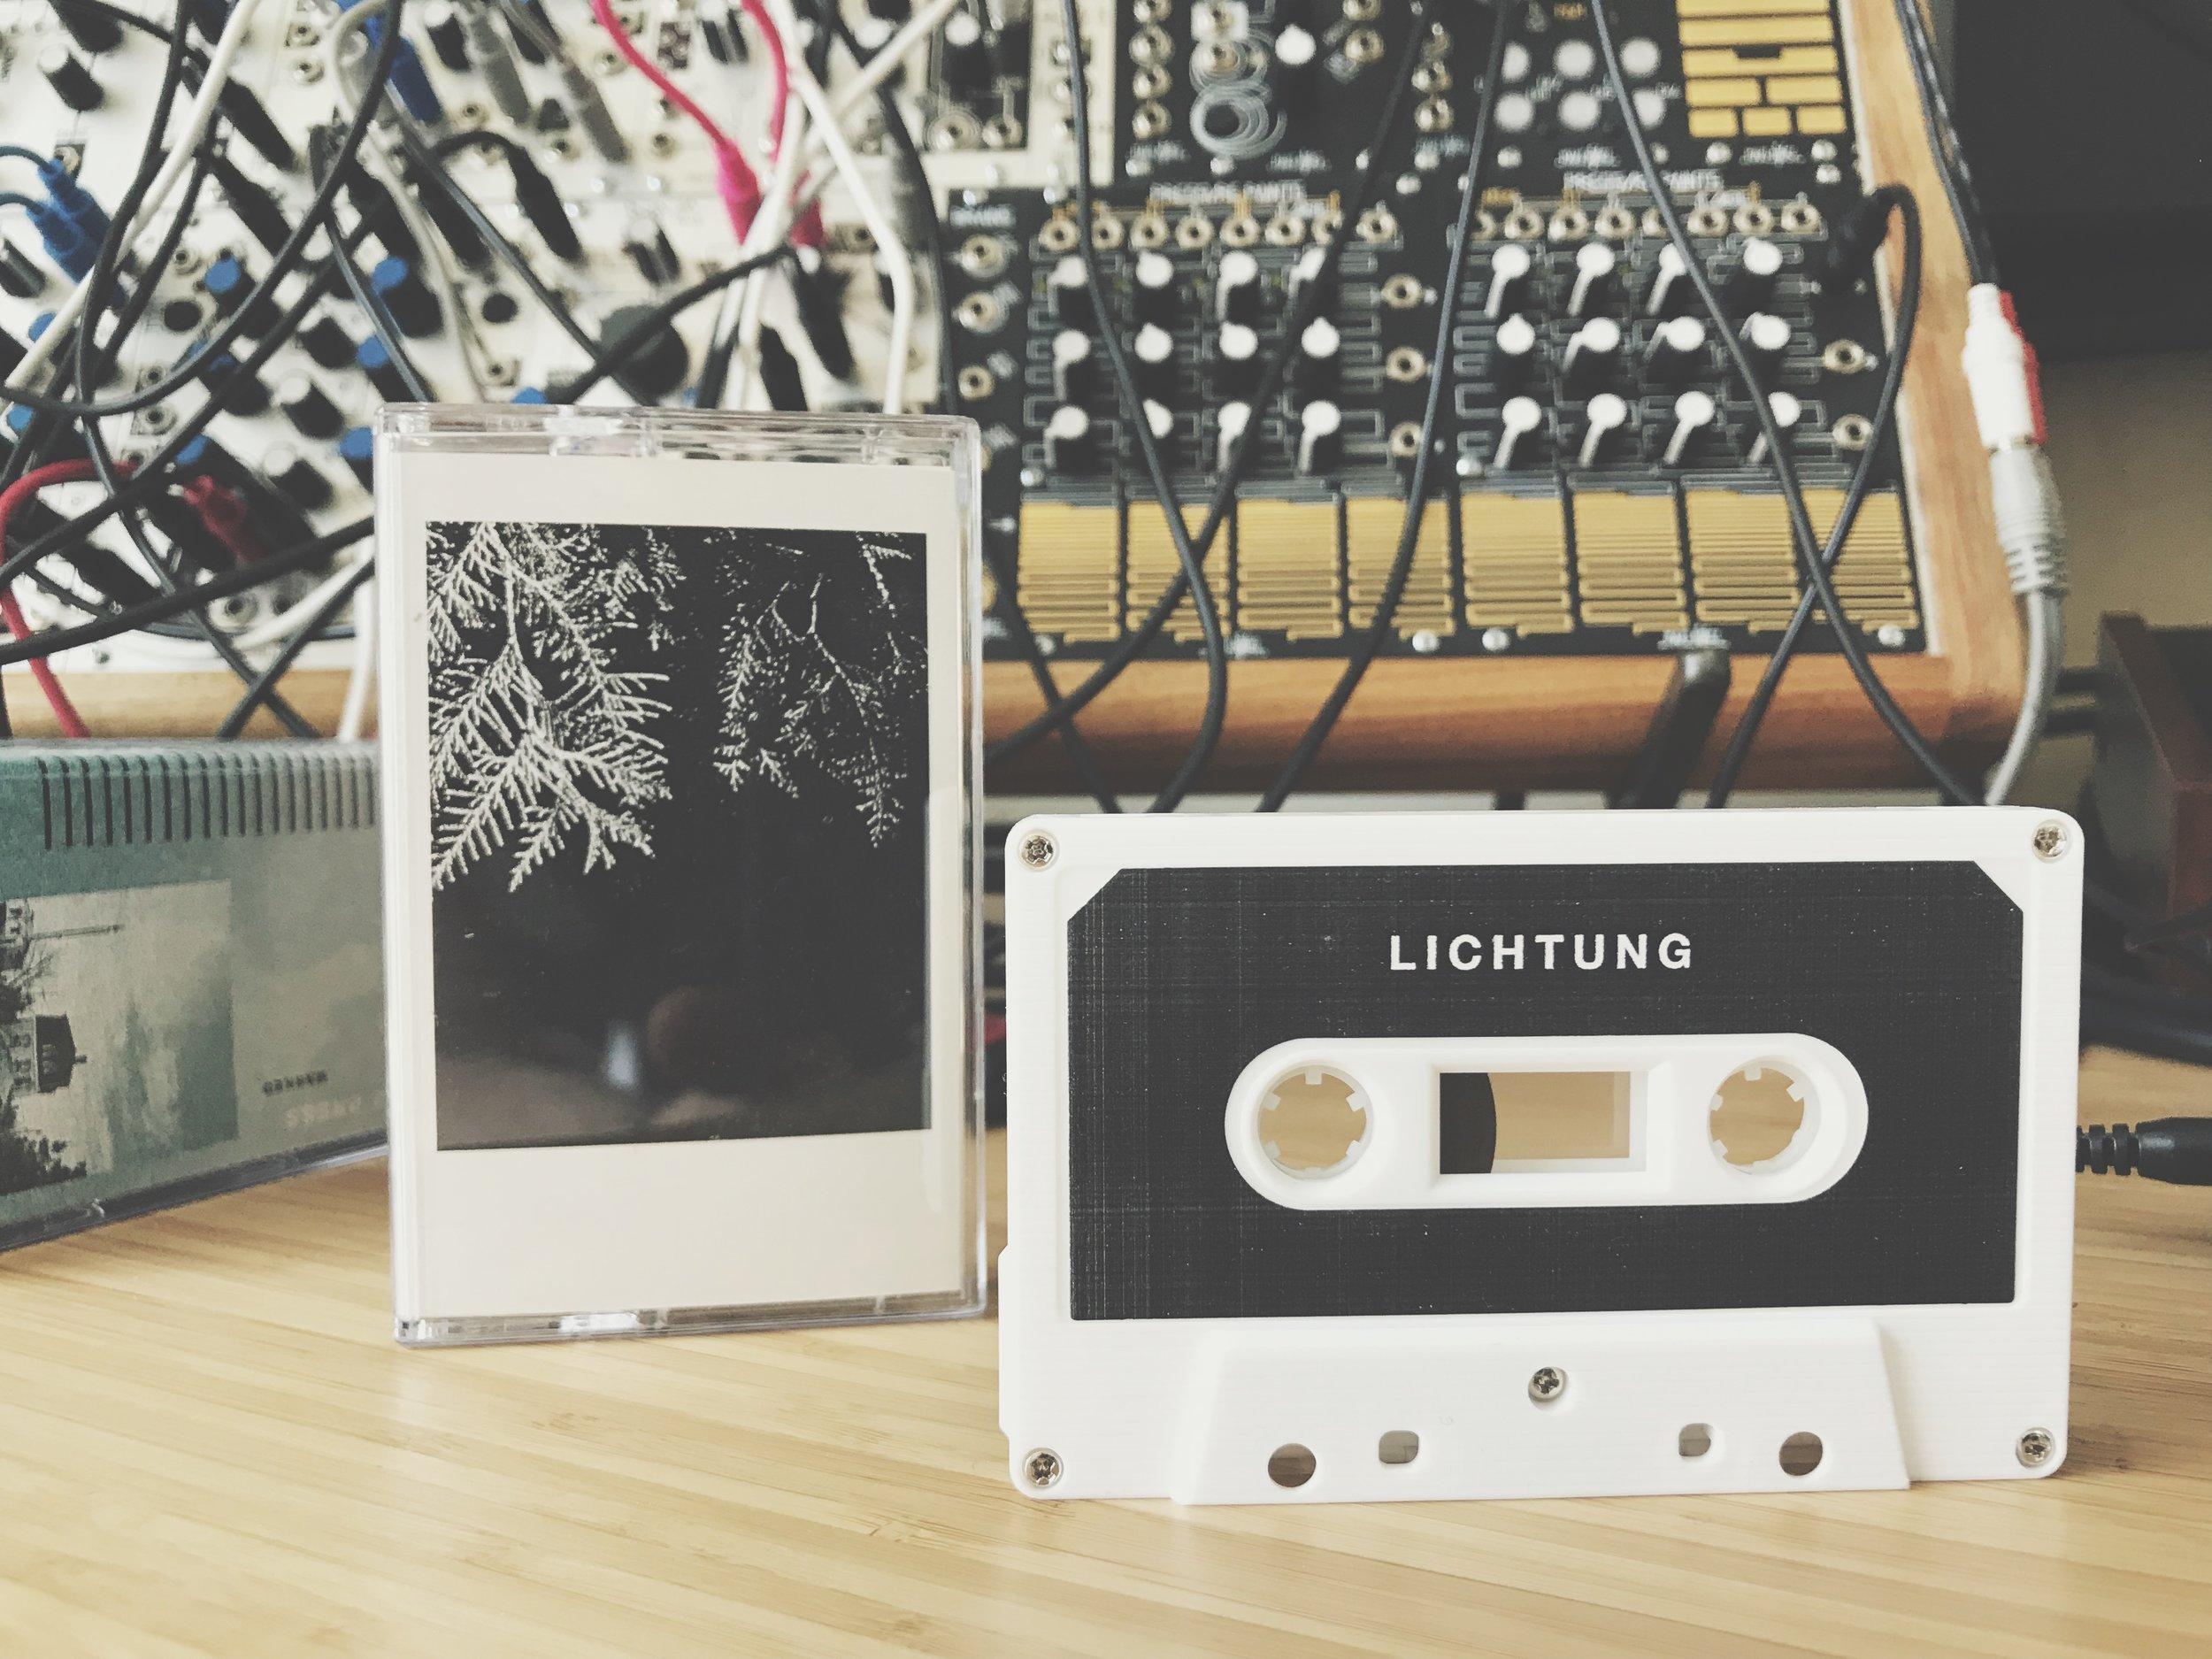 Alethe - Lichtung (Audio. Visuals. Atmosphere.)